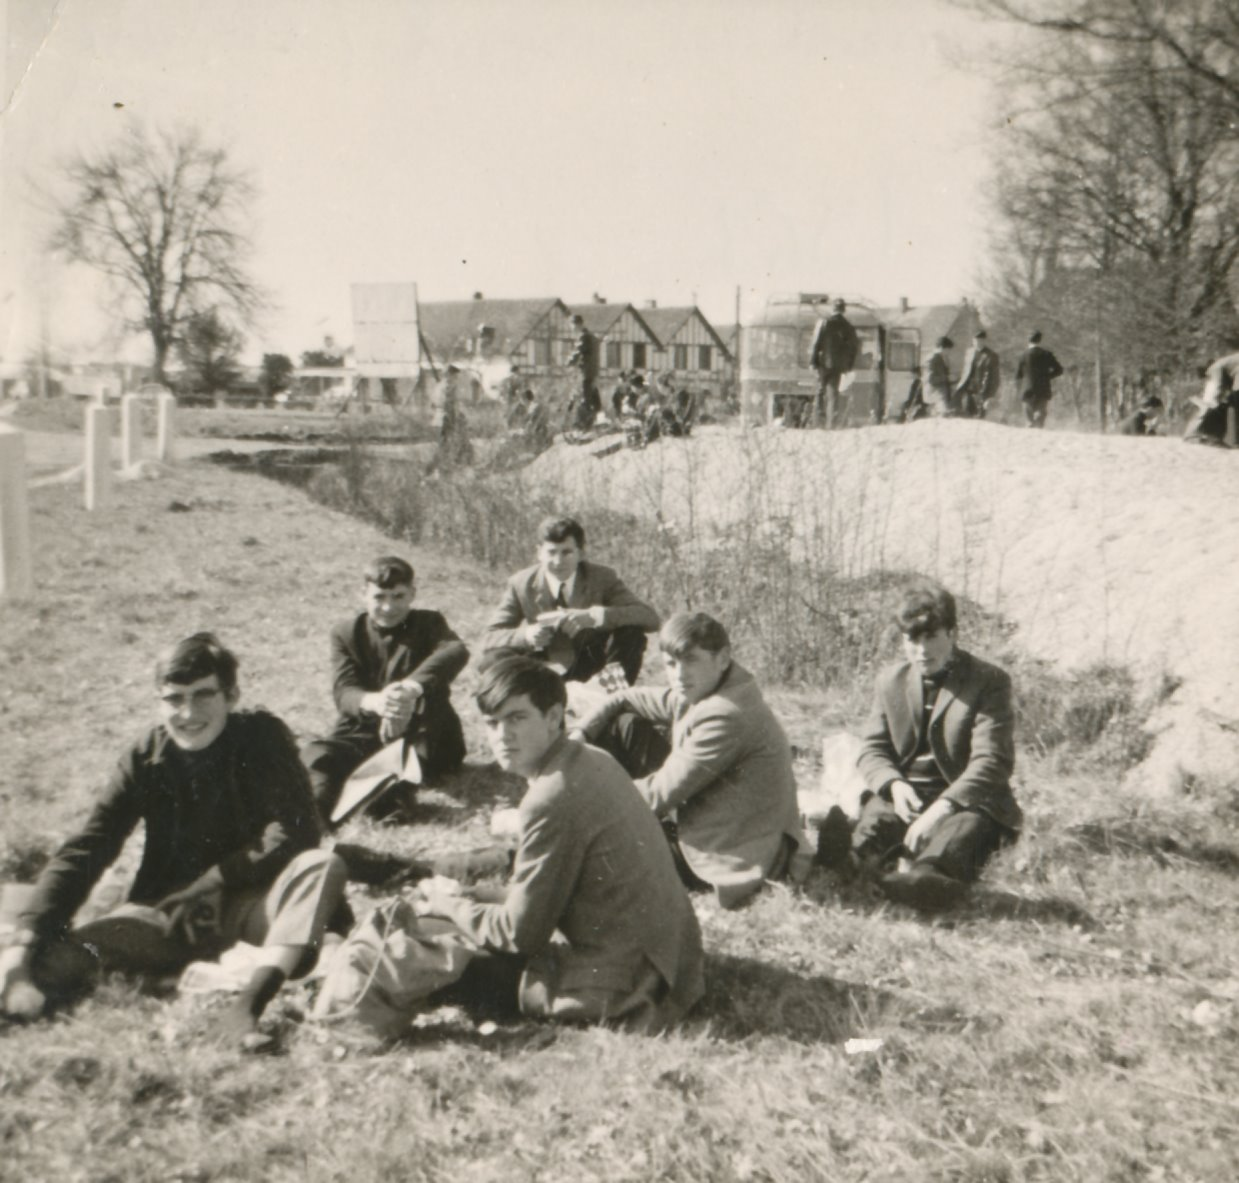 Archives anciens élèves mfr puy-sec 1965 (6)